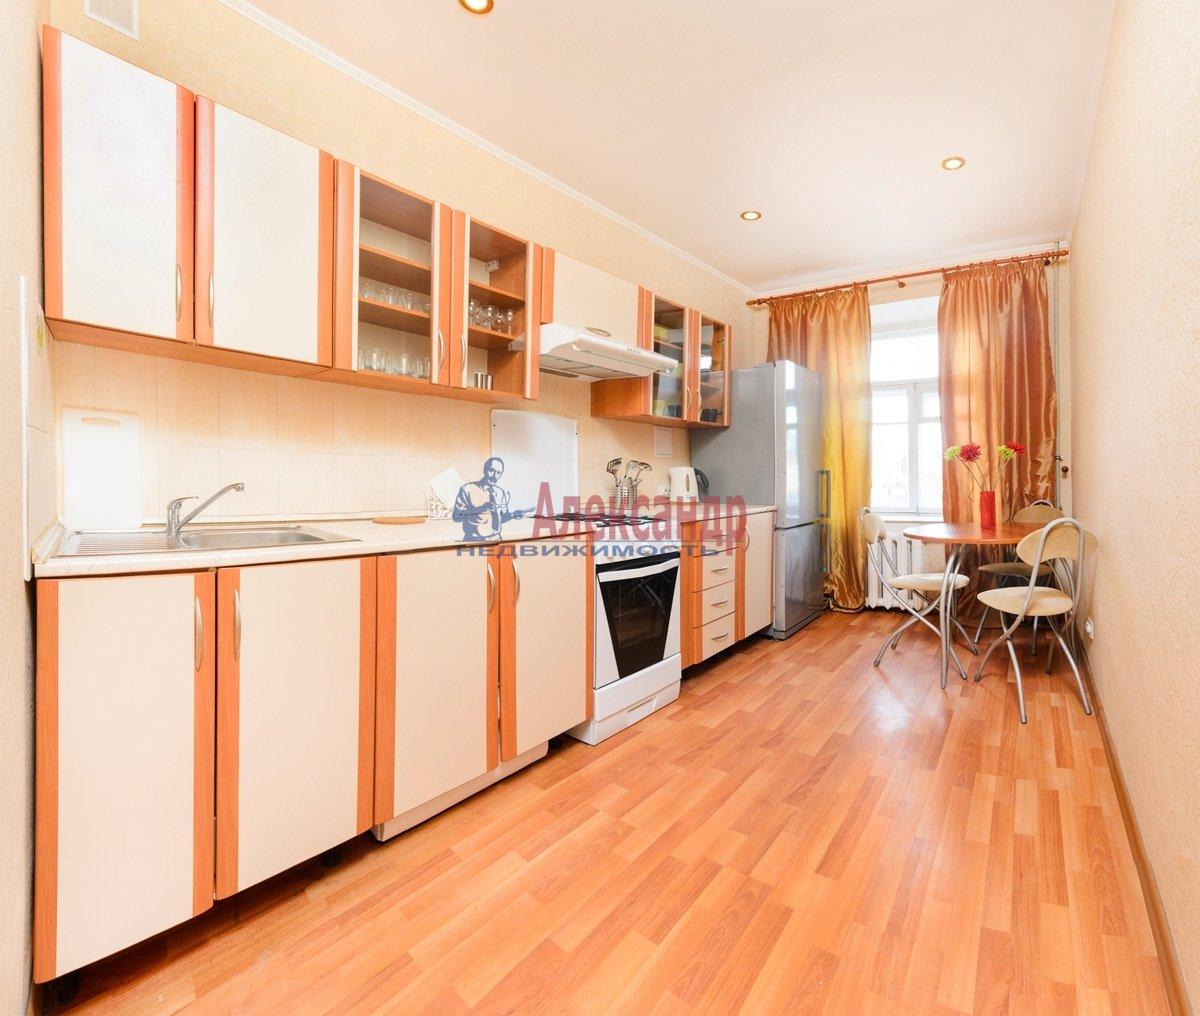 3-комнатная квартира (120м2) в аренду по адресу Правды ул., 5— фото 2 из 12